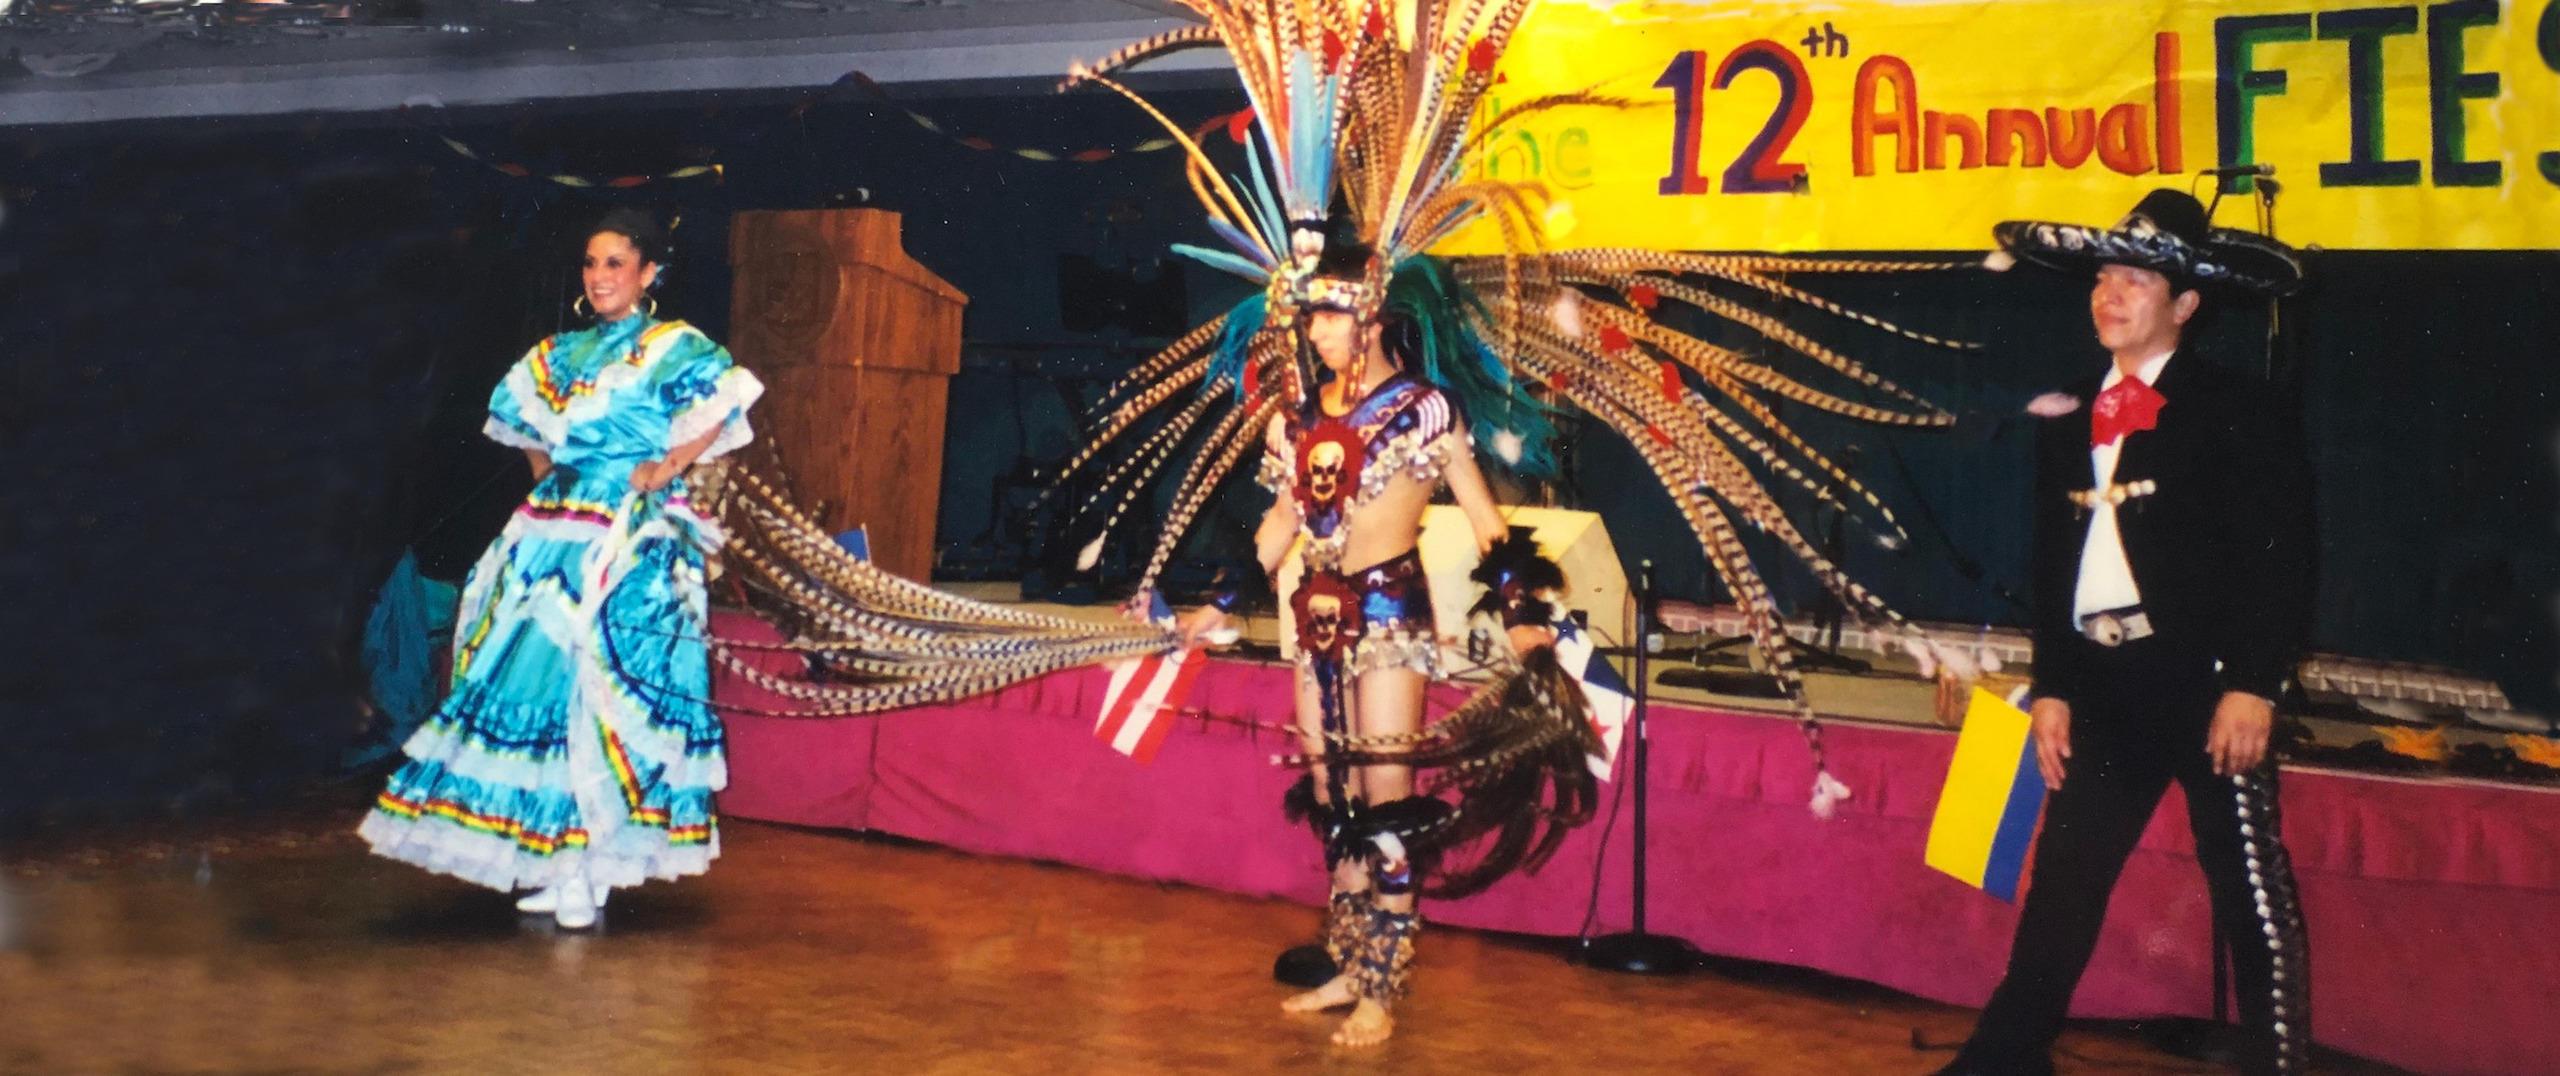 dancers at a fiesta